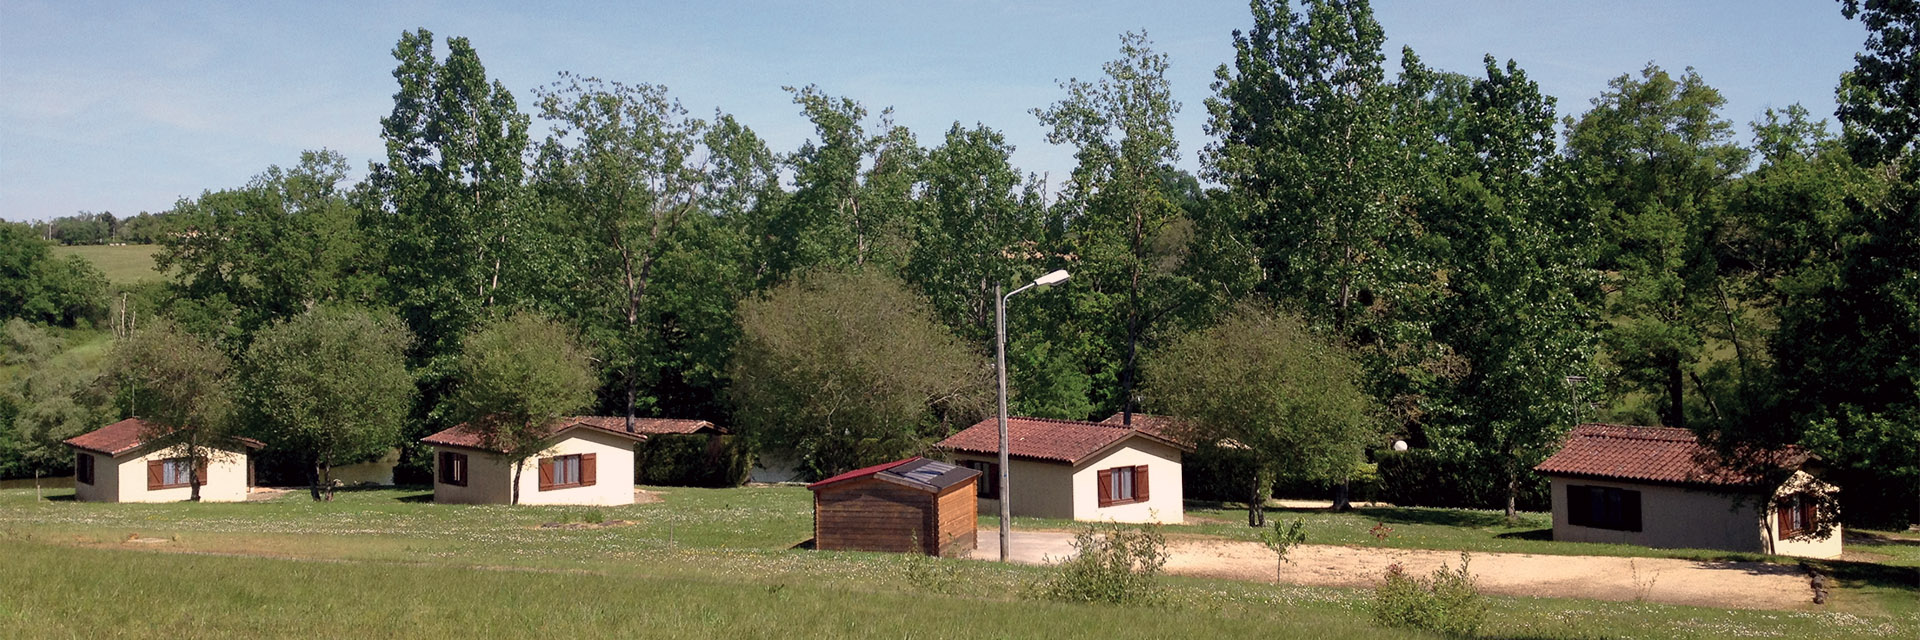 Village_club_vacances_gers-et-aquitaine-tournesols-du-gers-vue-village-maisons